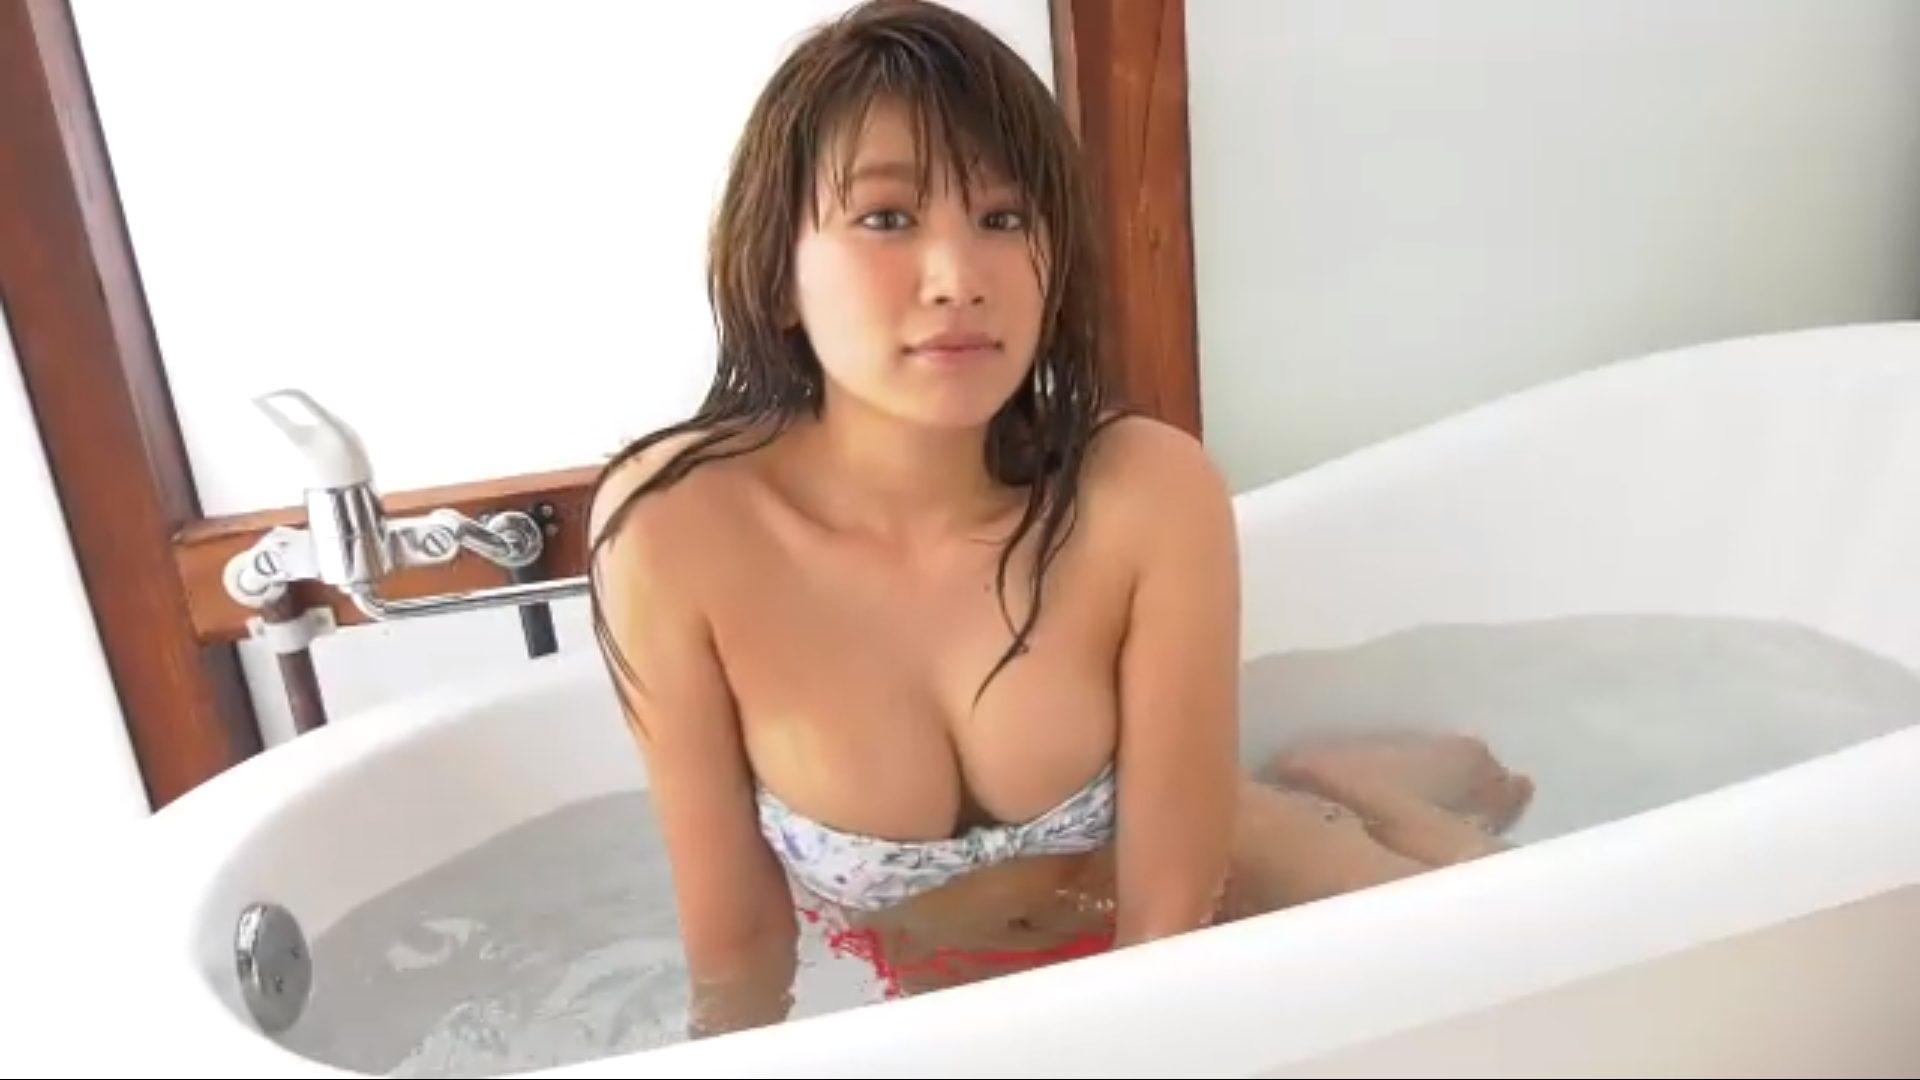 無【久松郁実】Dカップ34 愛嬌たっぷり!シャワーを浴びるシーン!